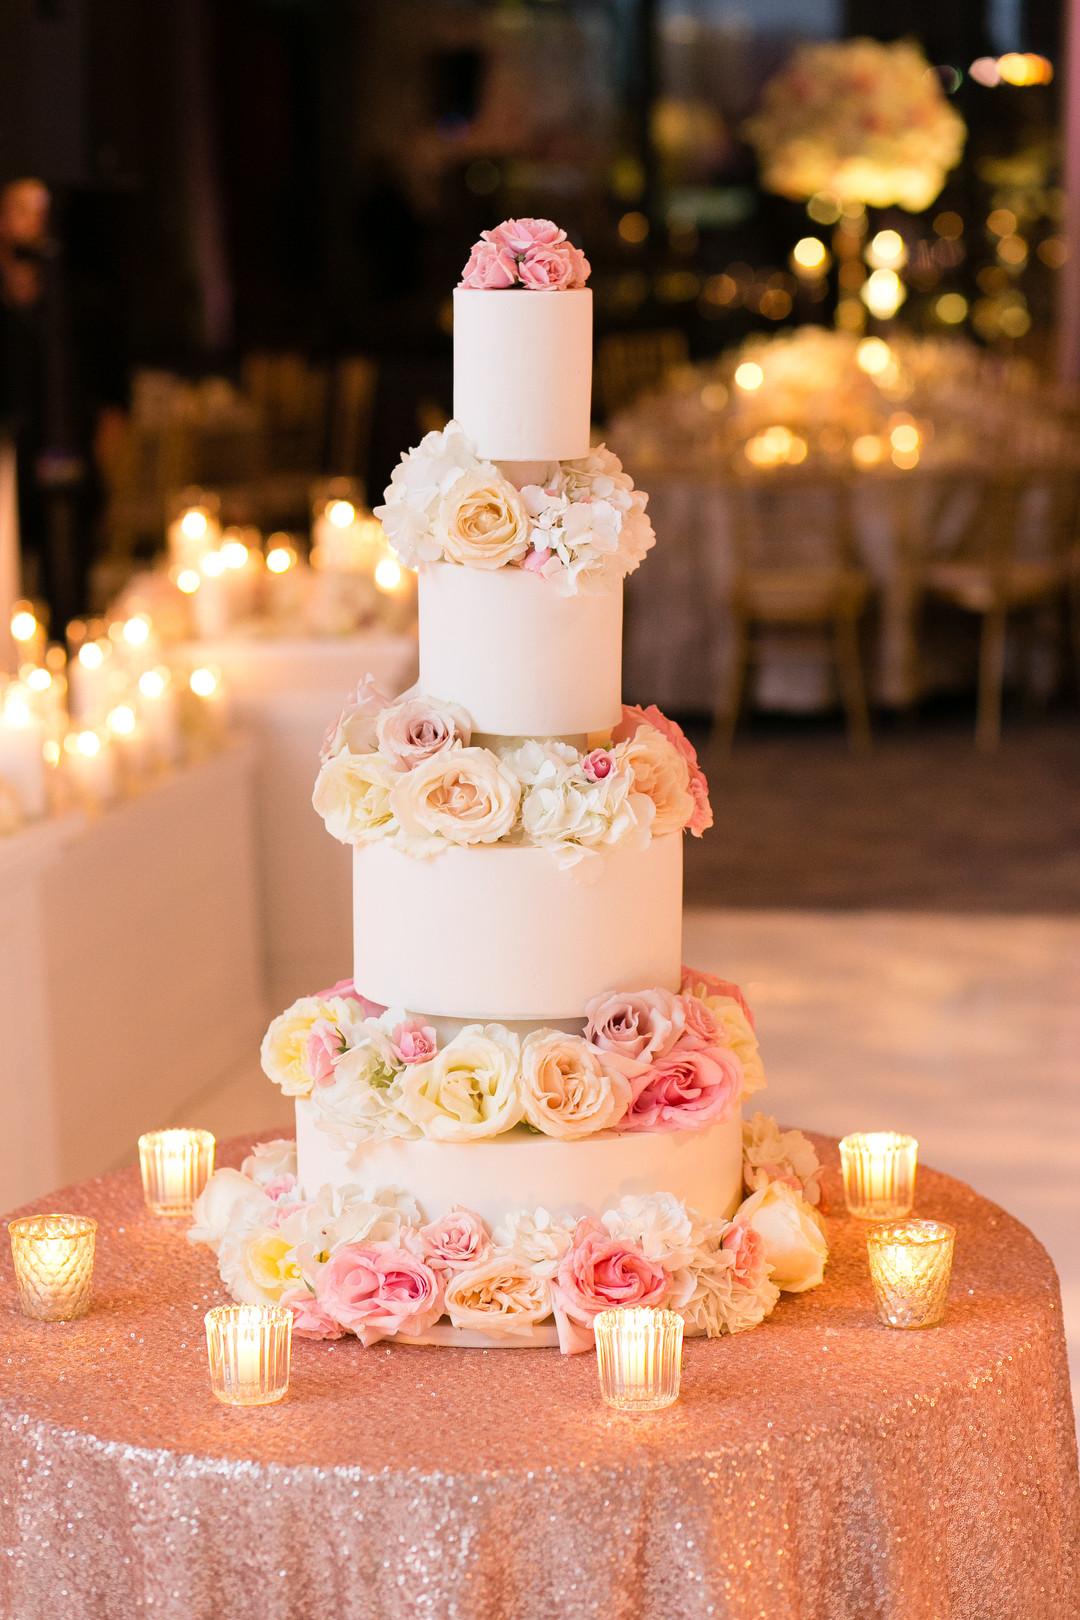 4 Tier Glamorous White and Pink Rose Wedding Cake Chicago Wedding Emilia Jane Photography